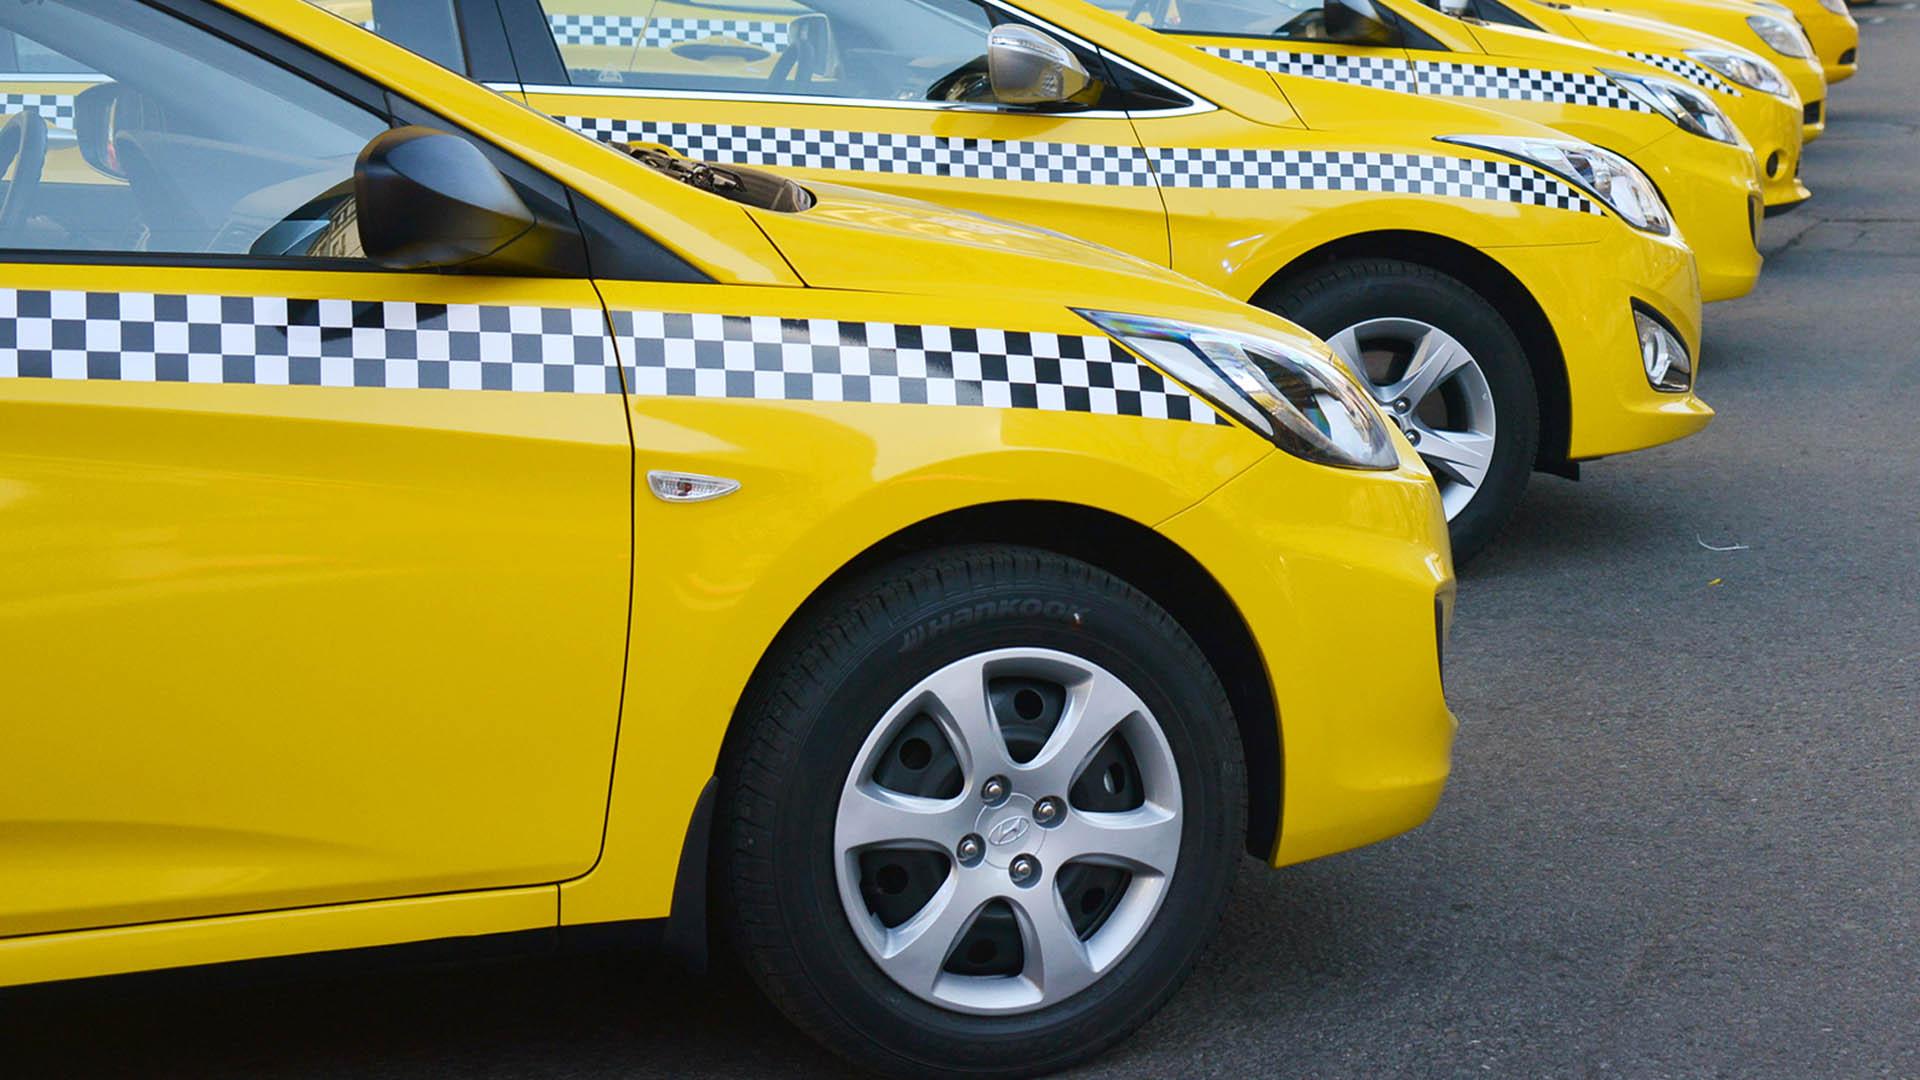 В Санкт-Петербурге подписаны новые требования к такси: обеспечение условий доступности для инвалидов